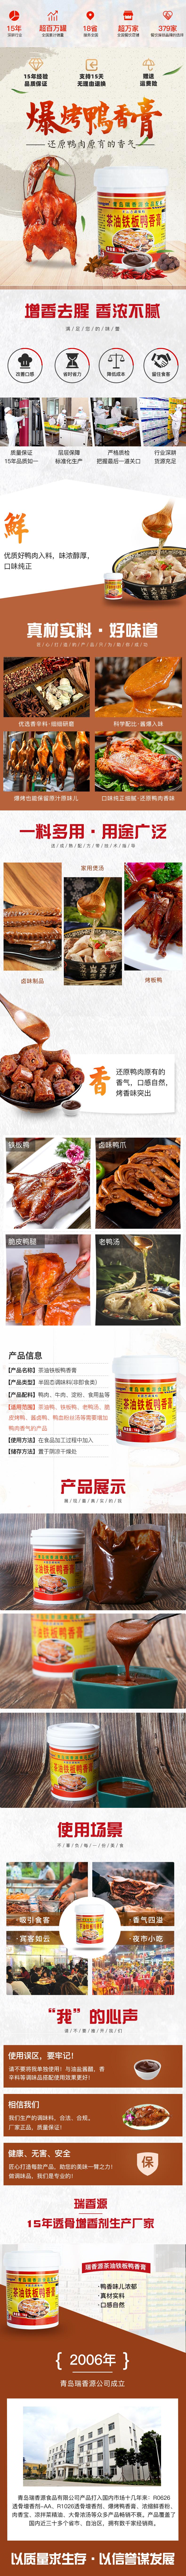 茶油烤鸭膏详情